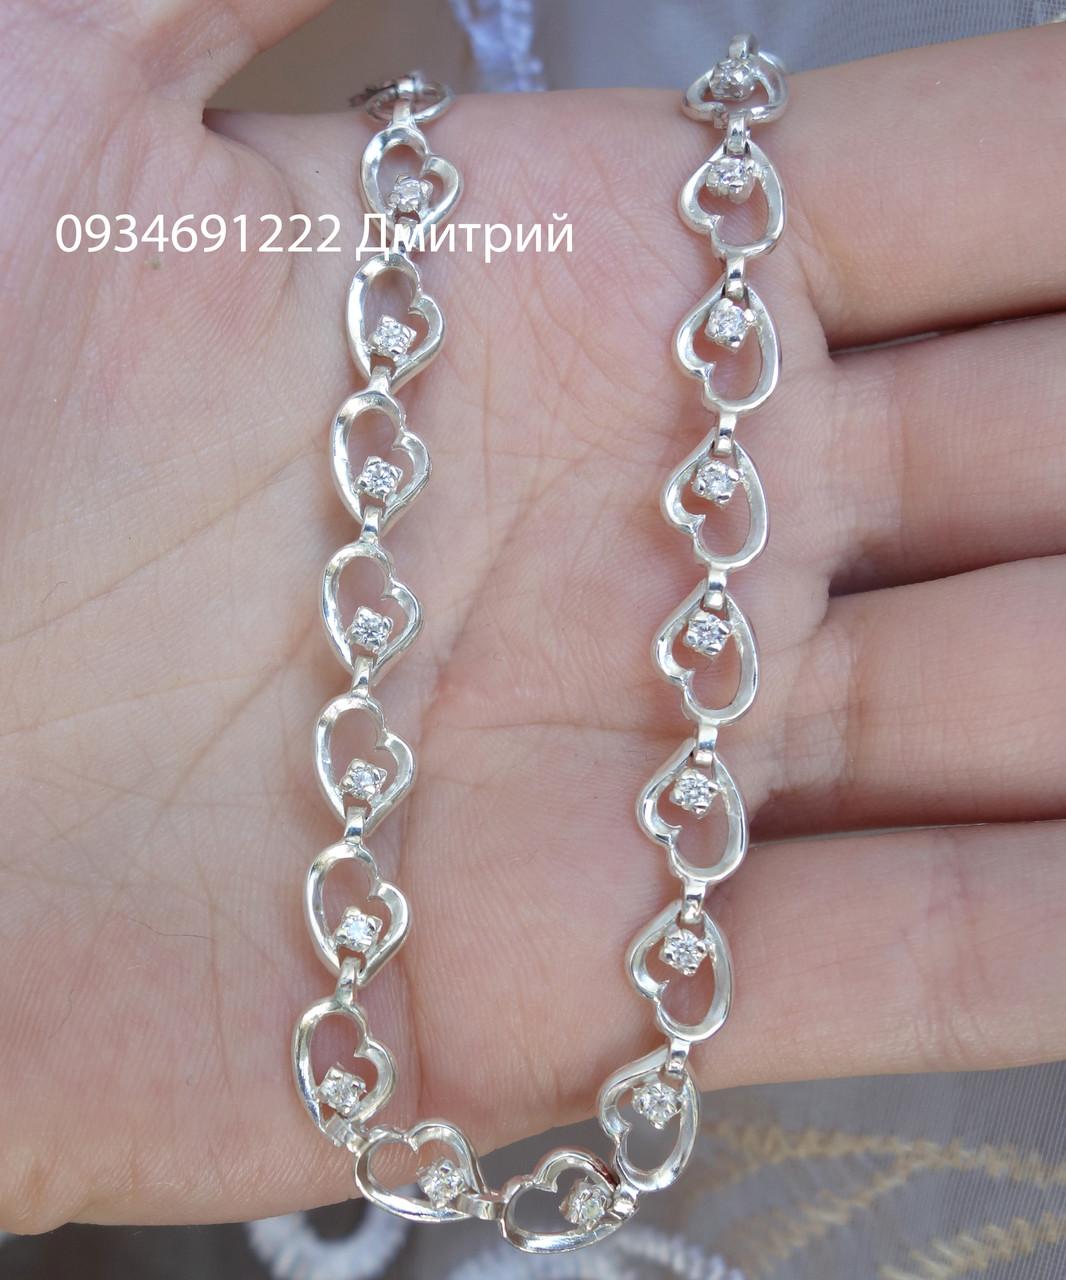 2ff12af694a3 Женские браслеты. Украина, Киев, продажа, цена, высокое качество ...